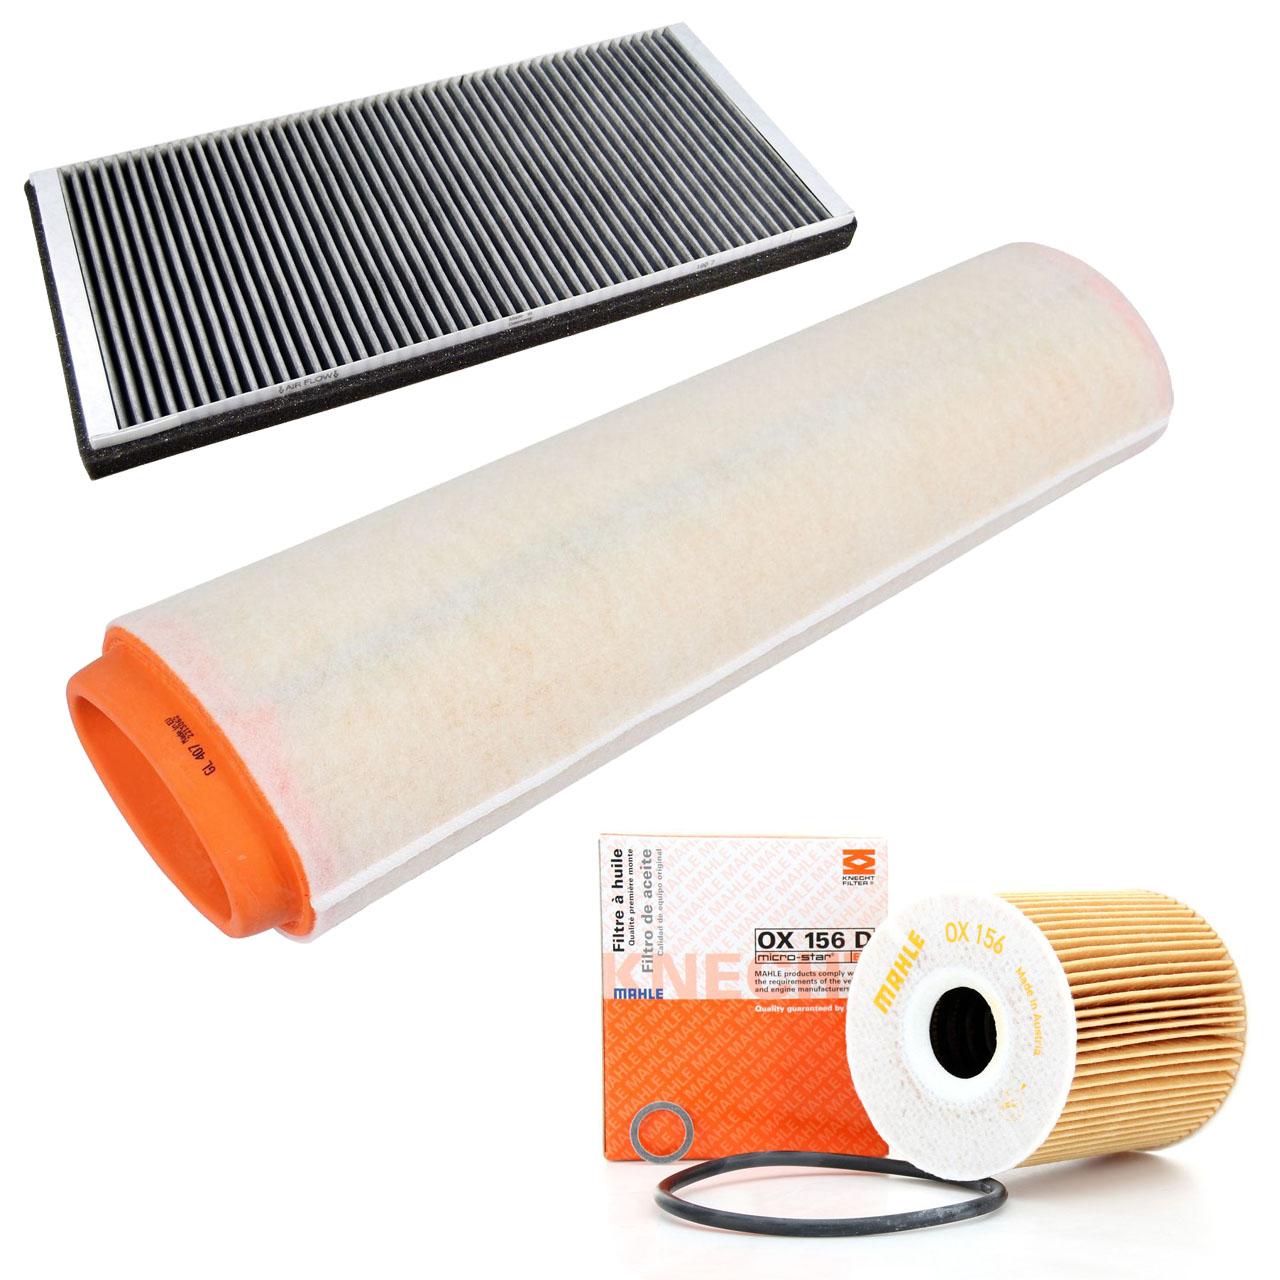 Inspektionskit Filterpaket Filterset für BMW X5 E53 3.0d 184 PS mit Klimaanlage